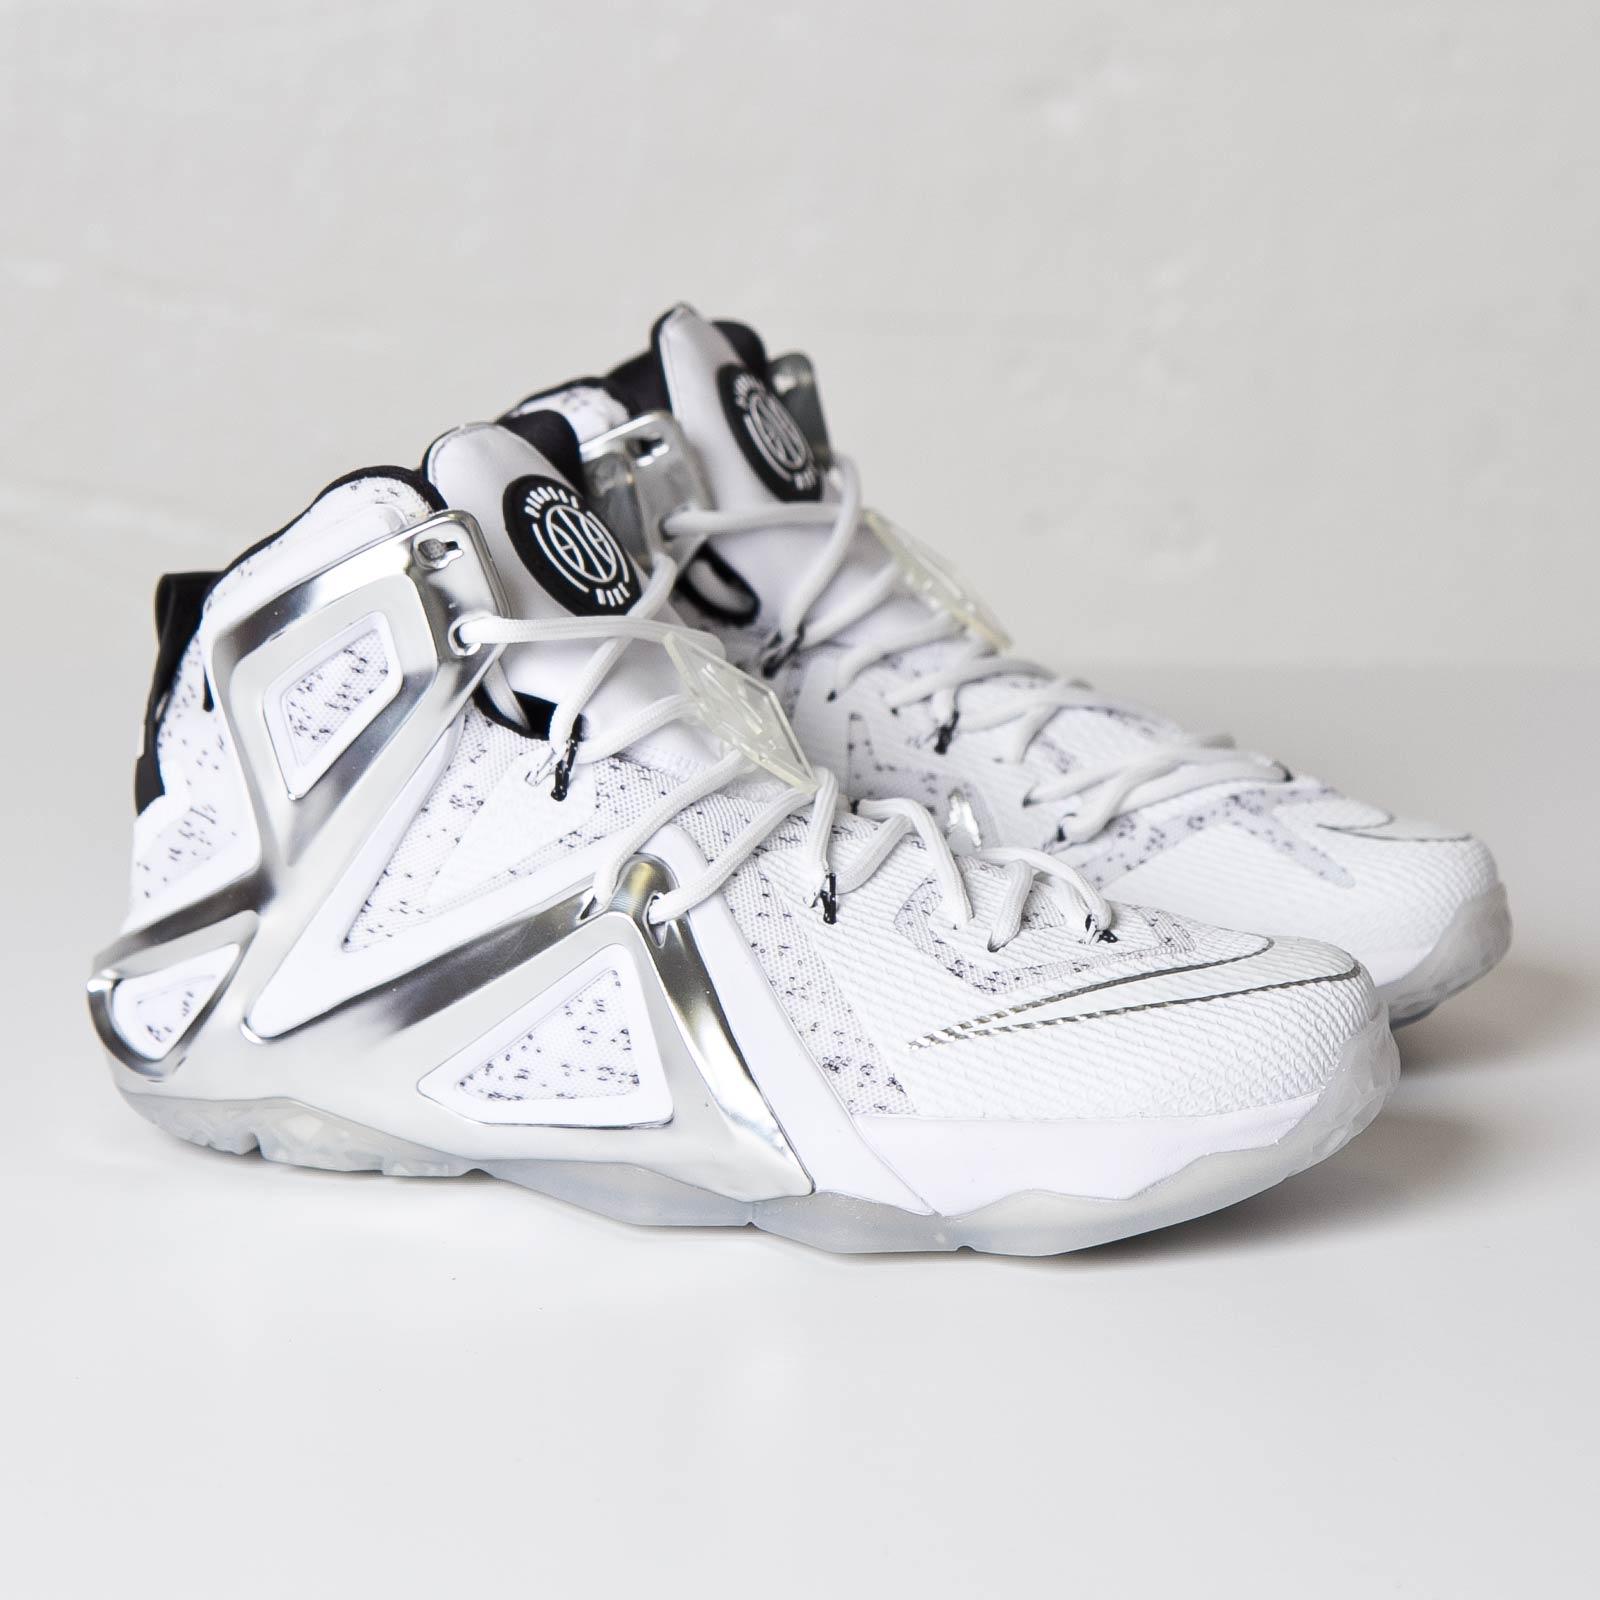 44ea4e0d4de ... Nike Lebron XII Elite SP Pigalle .